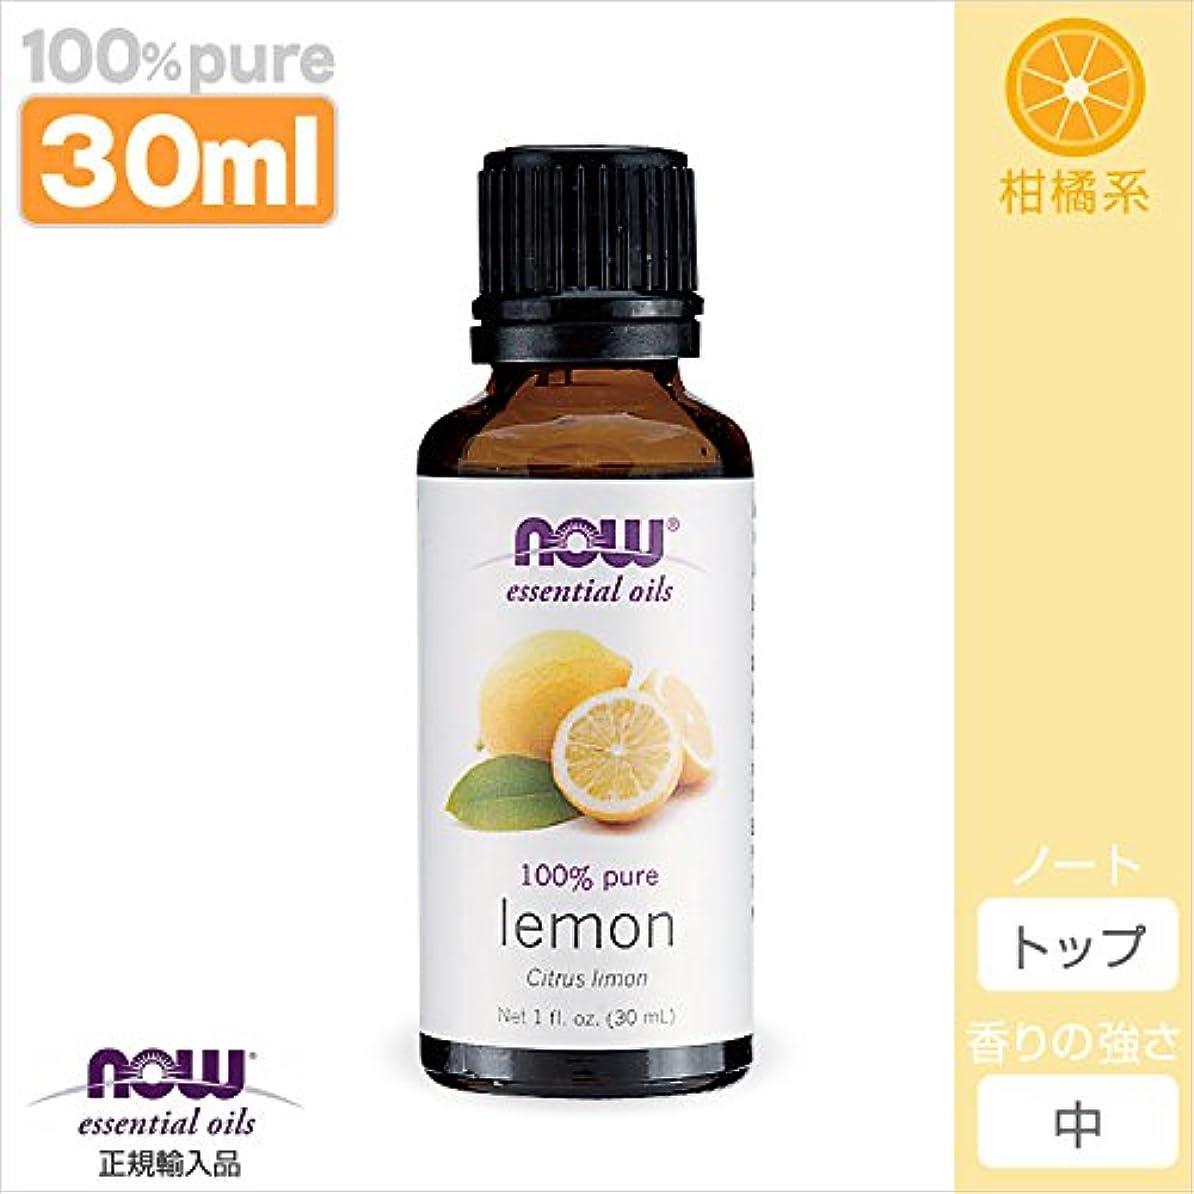 宇宙船暴露するバンドルレモン 精油[30ml] 【正規輸入品】 NOWエッセンシャルオイル(アロマオイル)